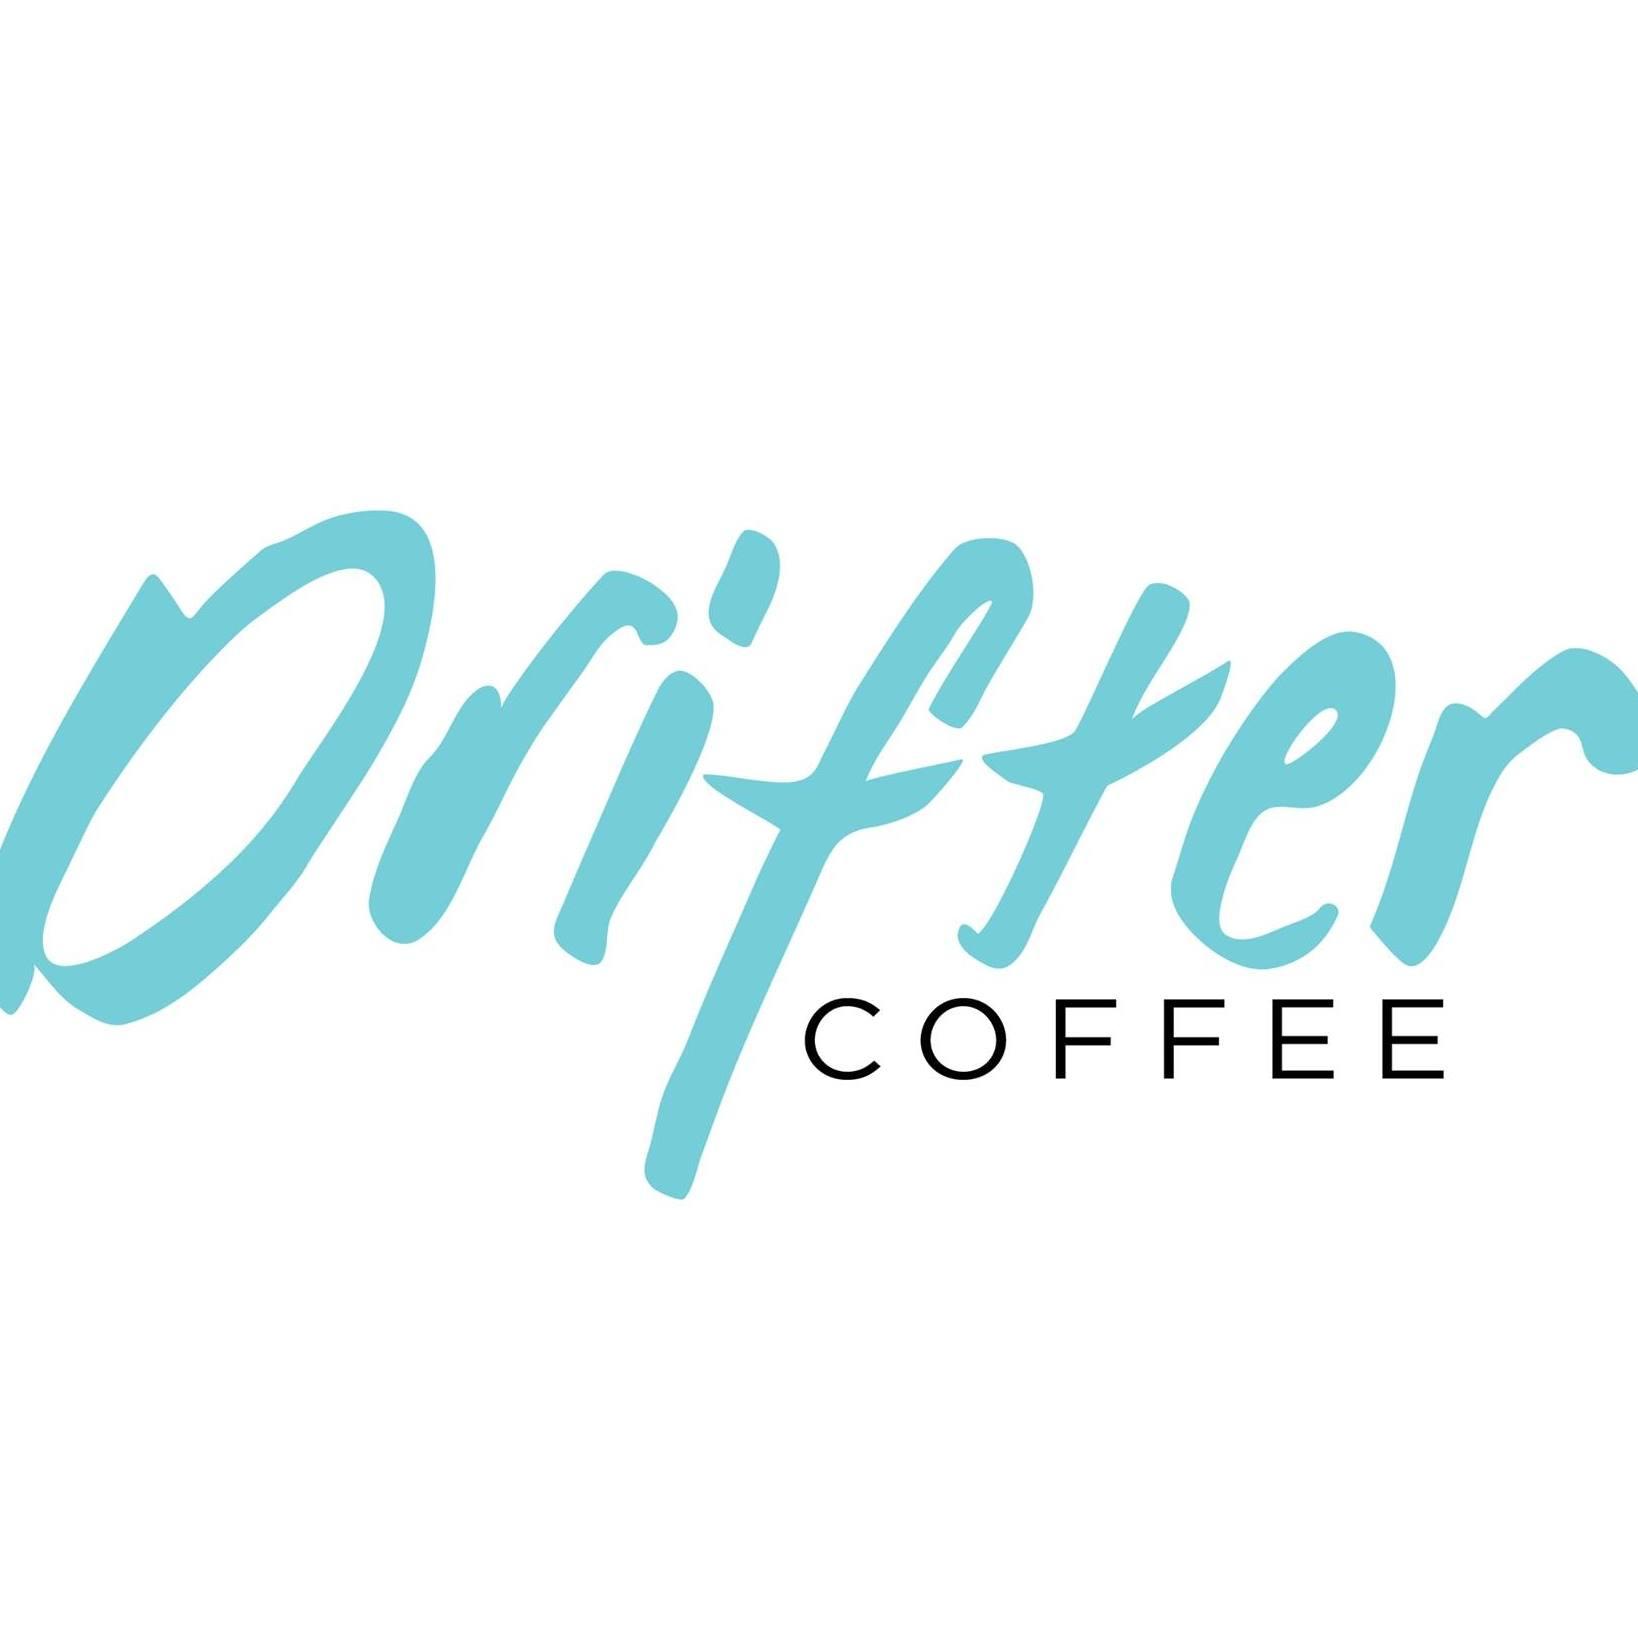 Drifter Coffee   770 Woodward Heights, Ferndale, MI 48220